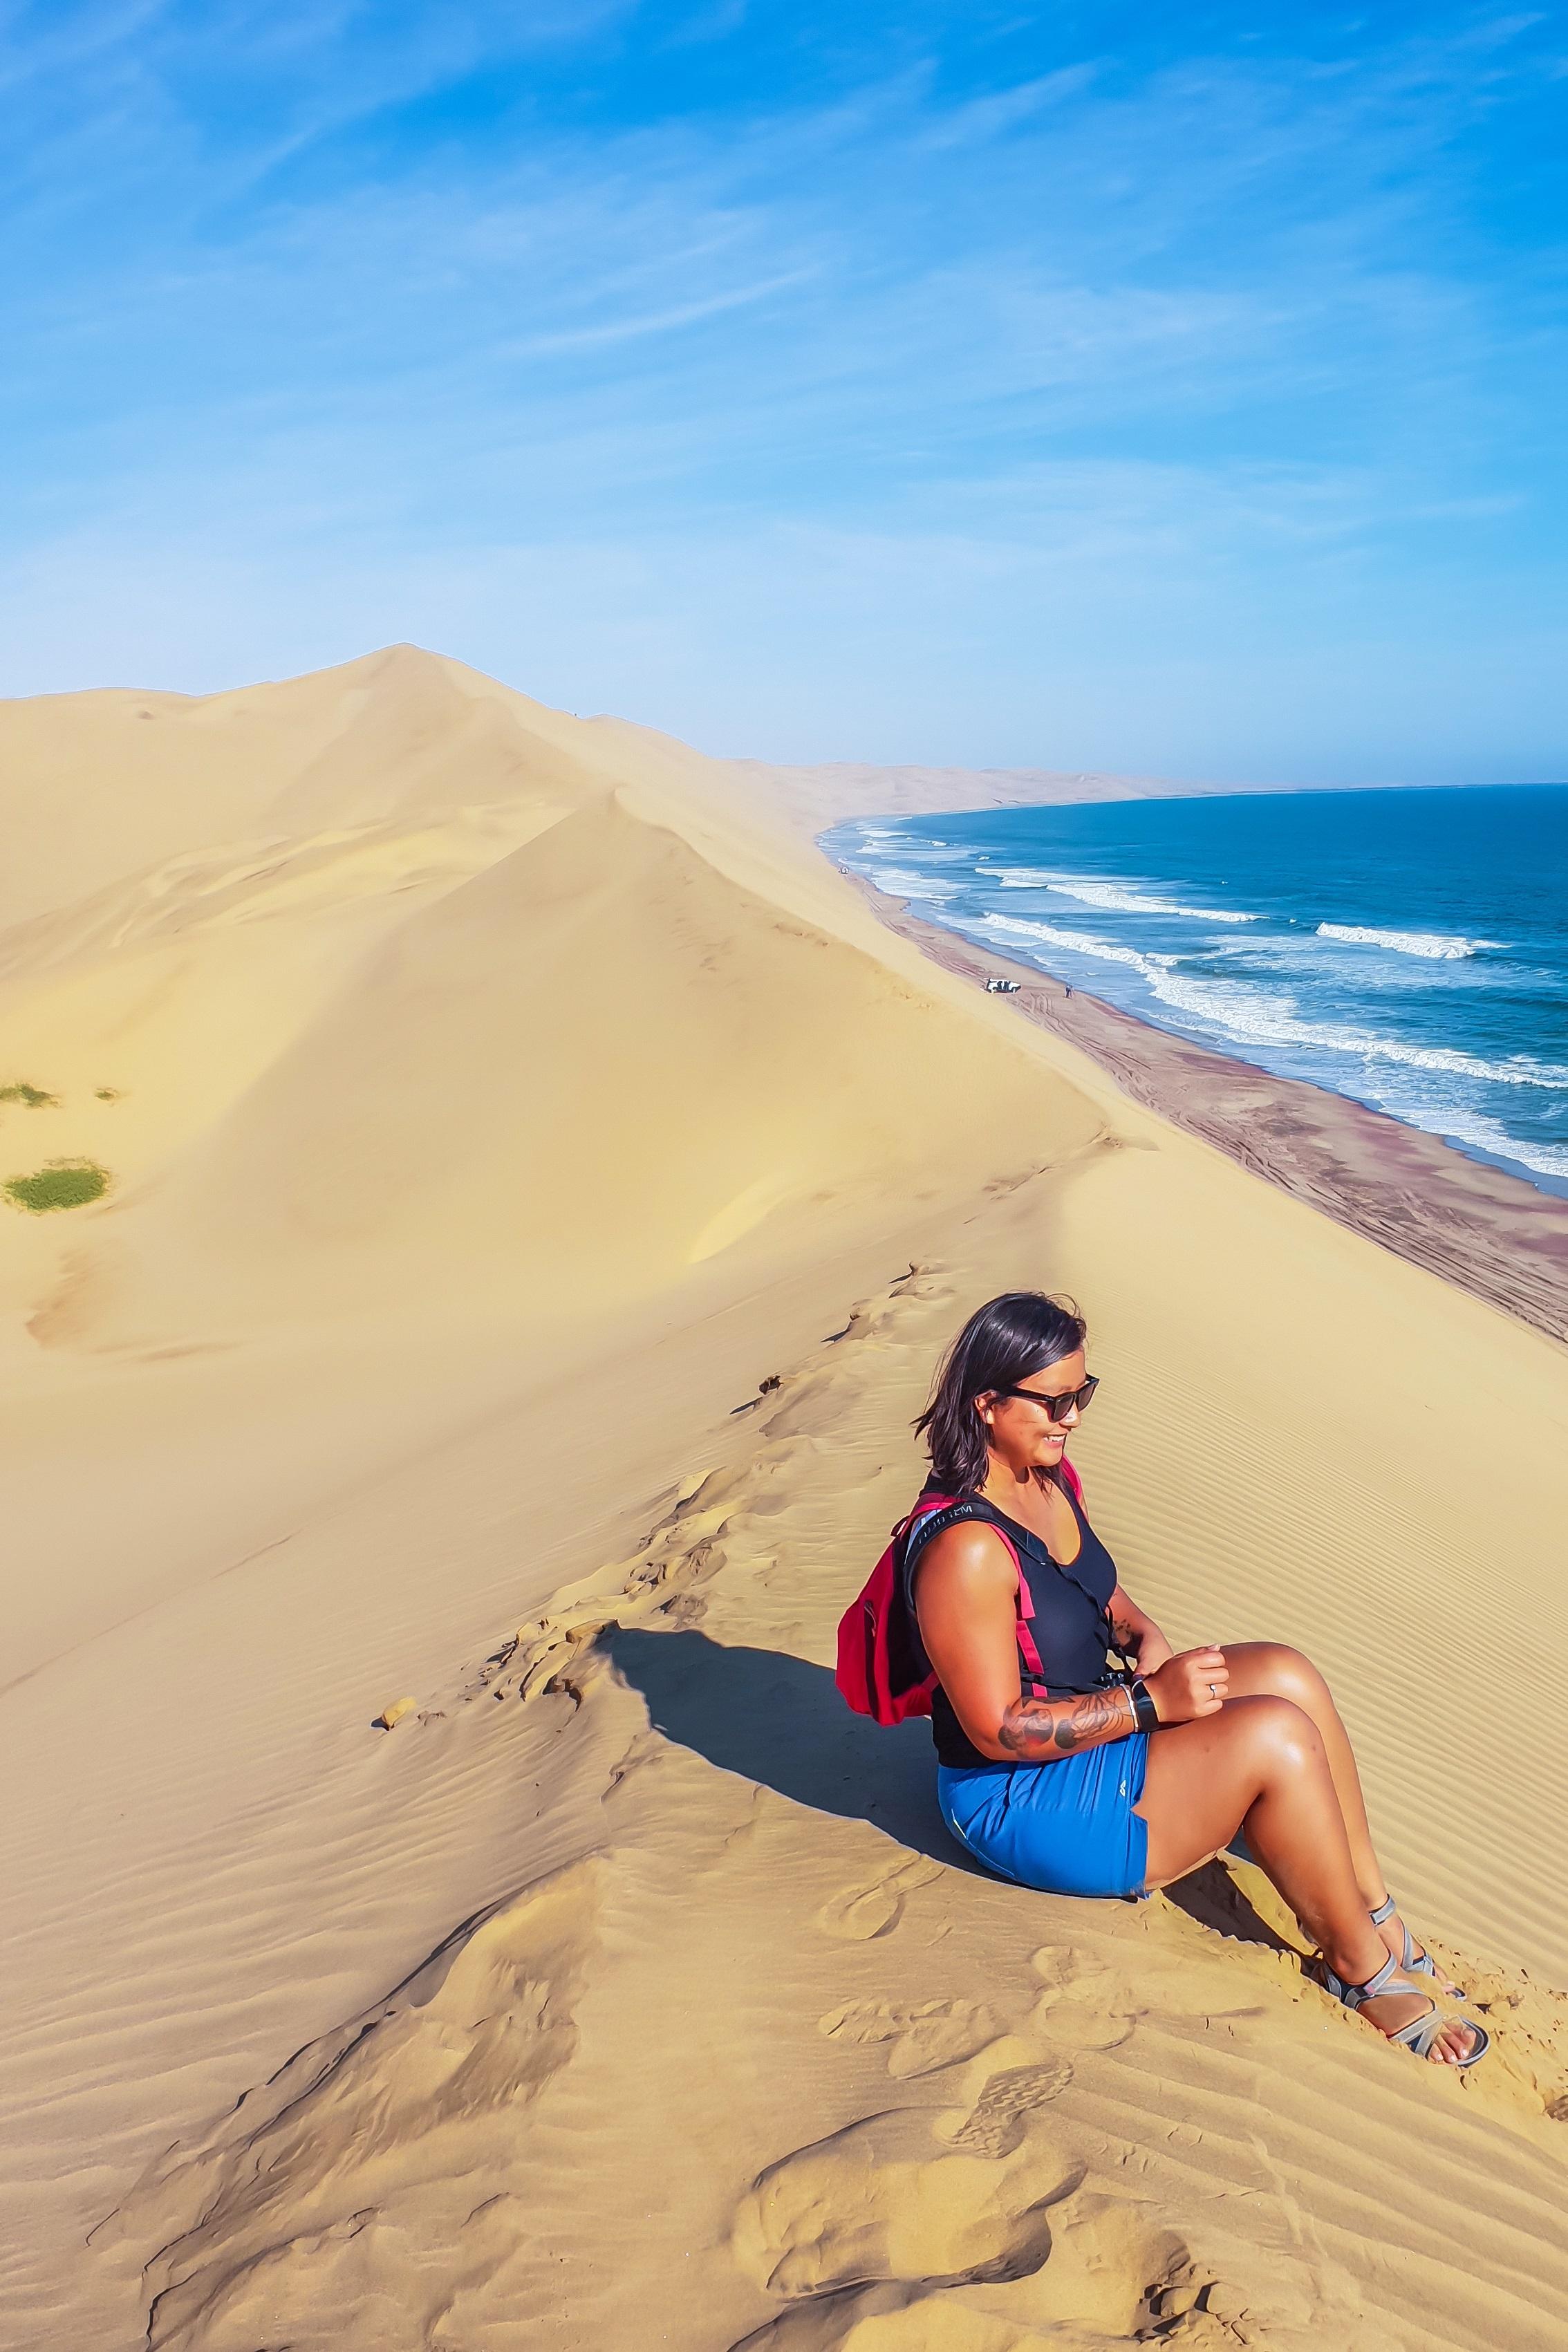 Namibia - den tham thung lung chet, thanh pho ma va dieu khong tuong hinh anh 20